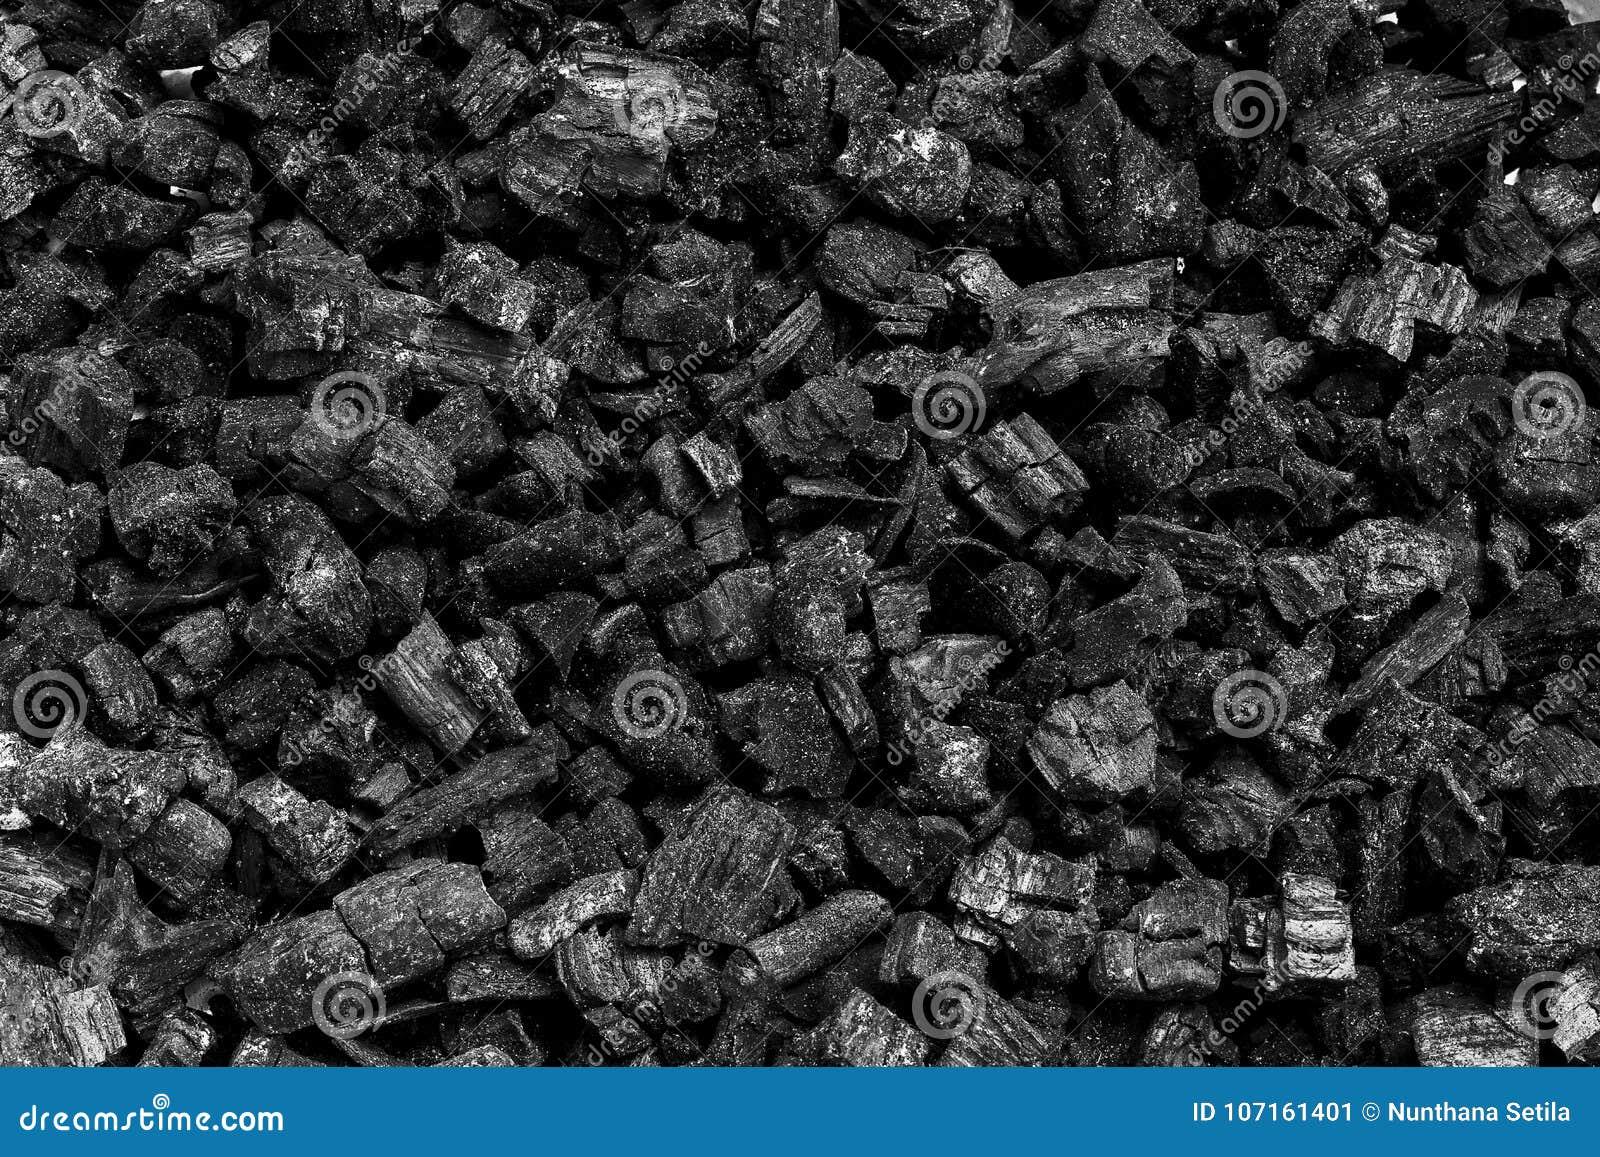 自然木炭、传统木炭或者坚硬木炭,作为燃料用于工业煤炭